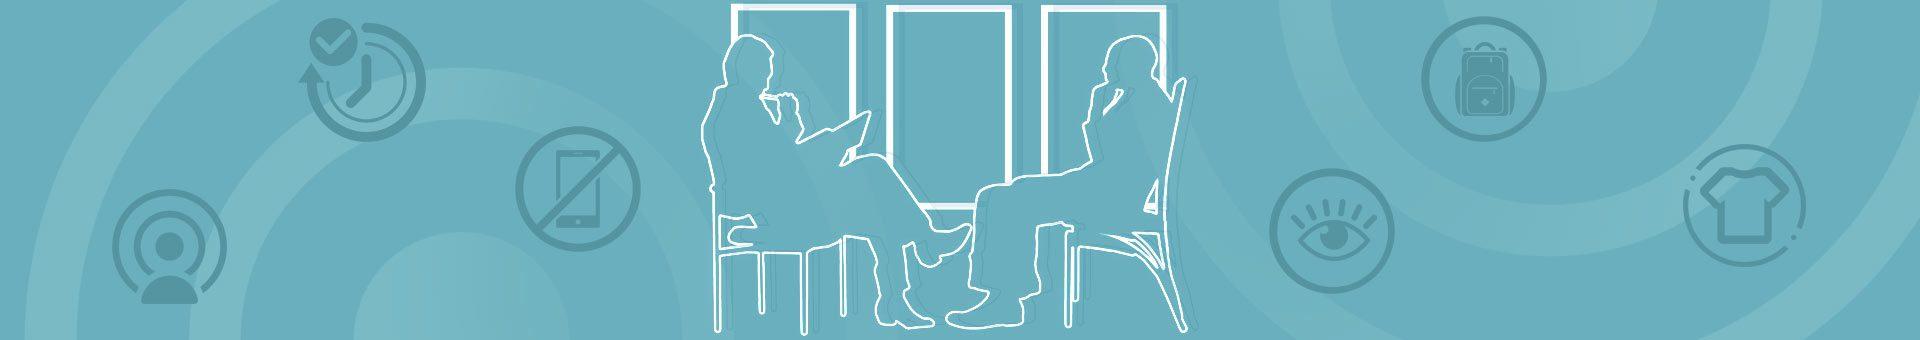 چگونه در مصاحبه استخدام موفق شویم